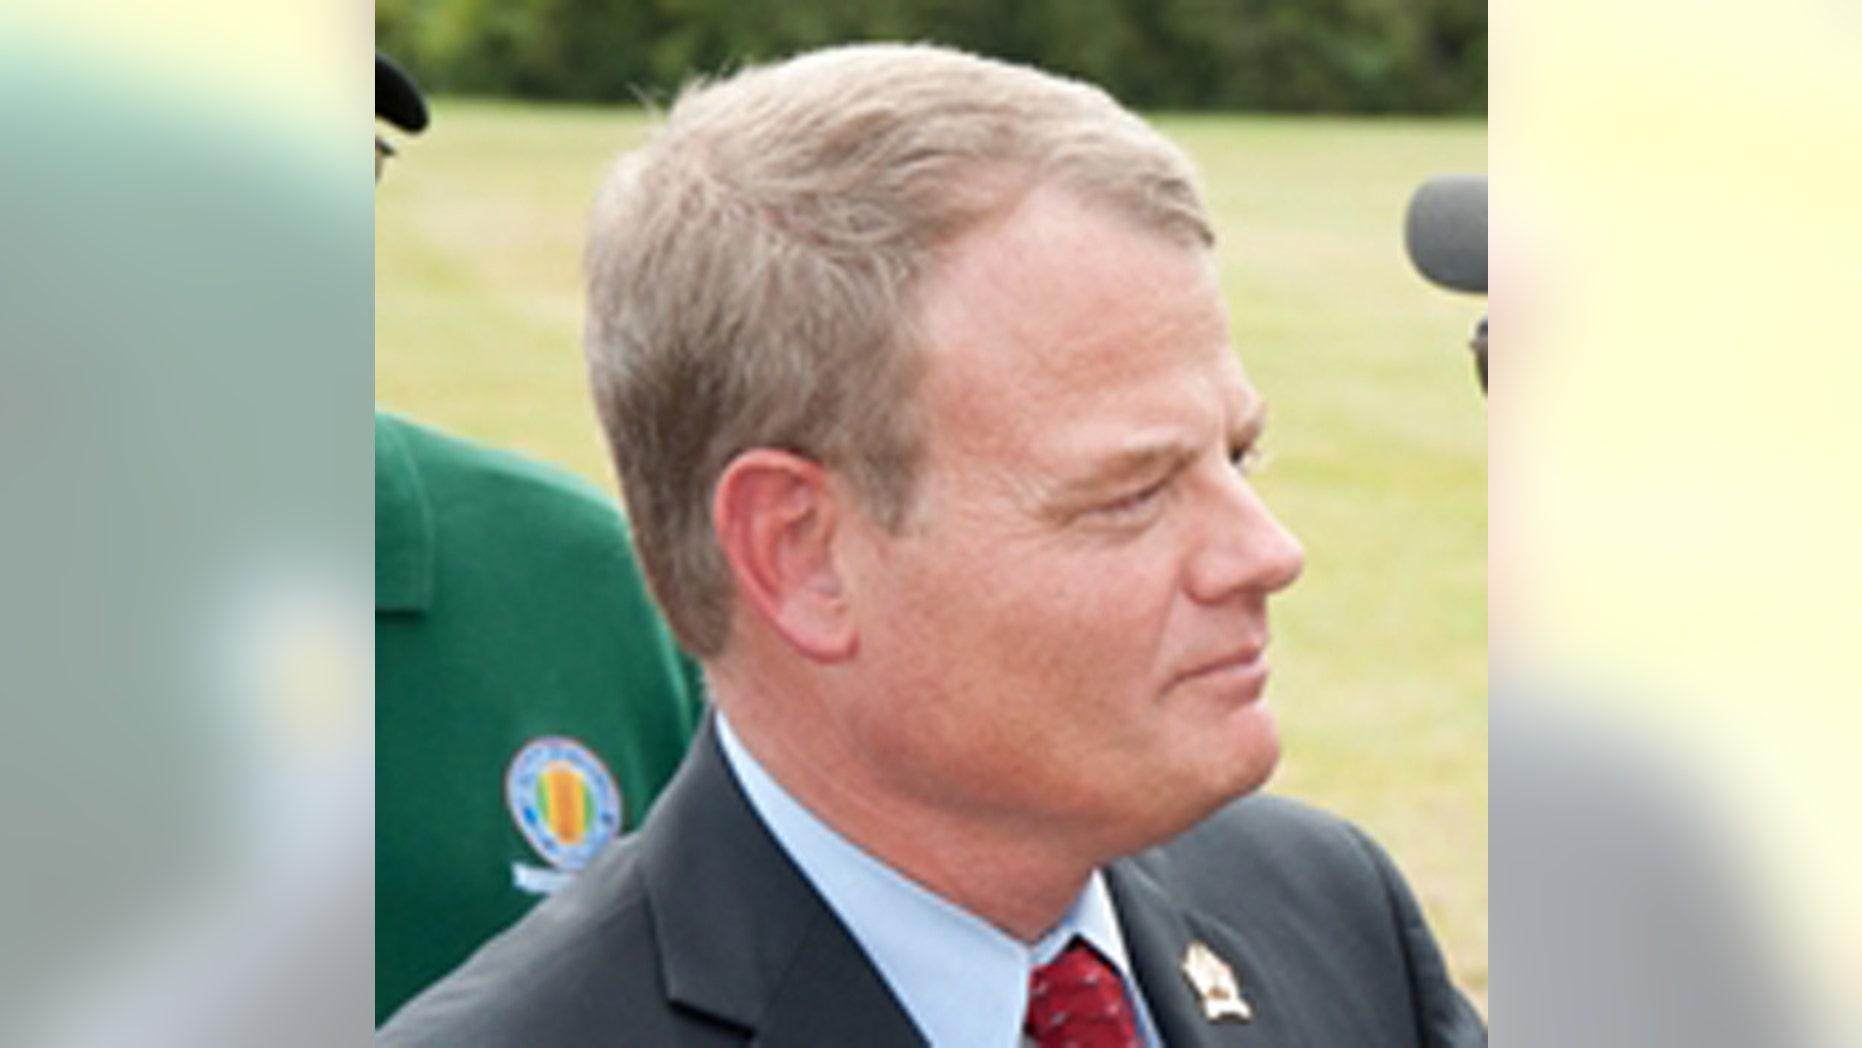 FILE: Undated: Rep. Mike McIntyre, D-N.C.